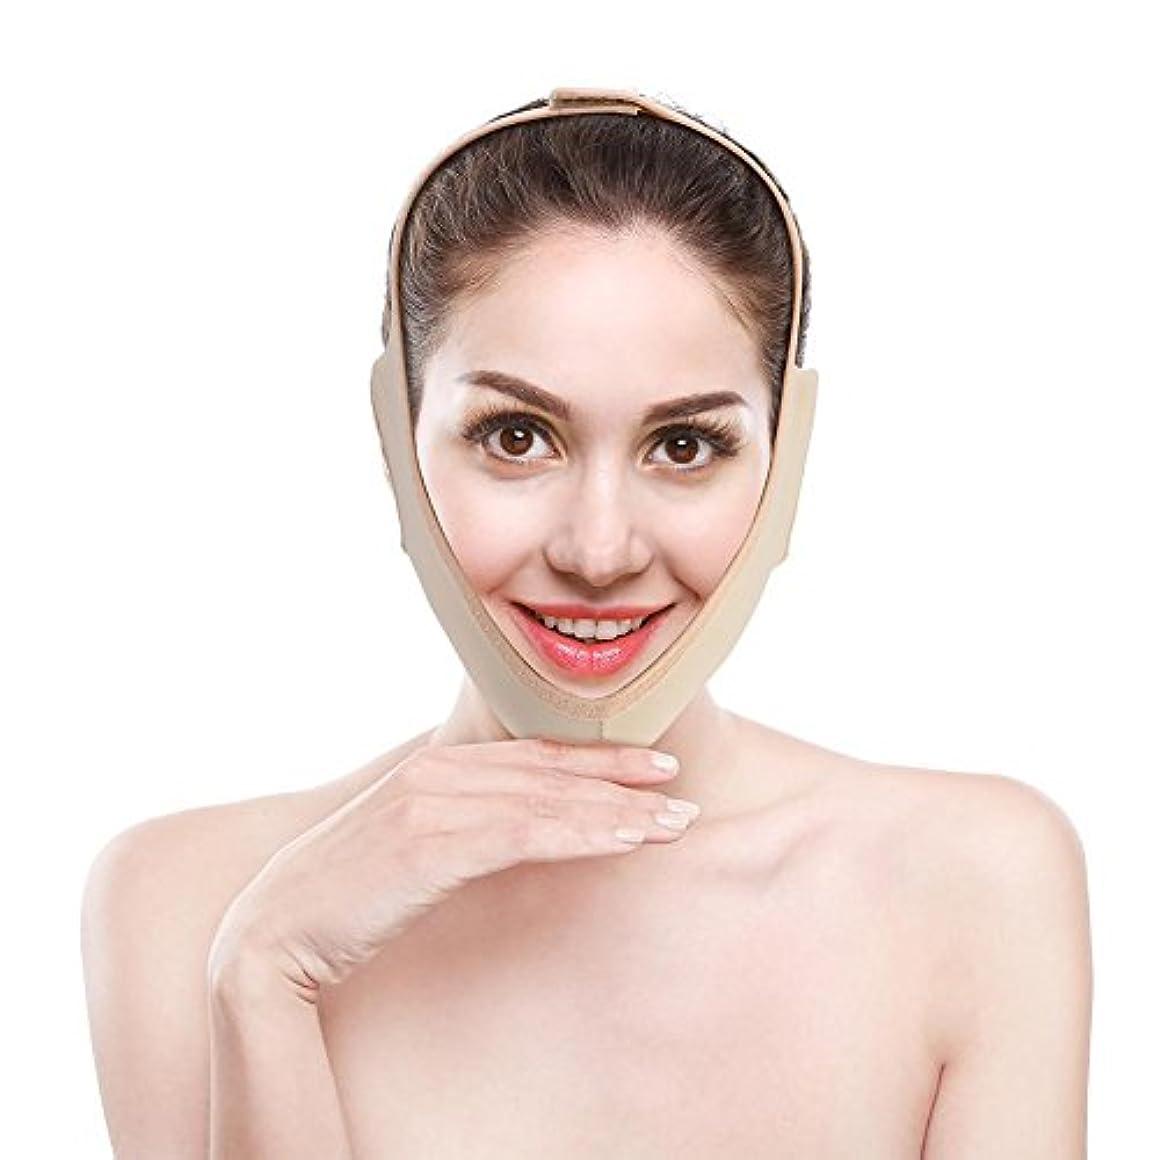 作業アッティカスシェーバー顔の輪郭を改善するVフェイス包帯、フェイスリフト用フェイスマスク、通気性/伸縮性/非変形性(M)